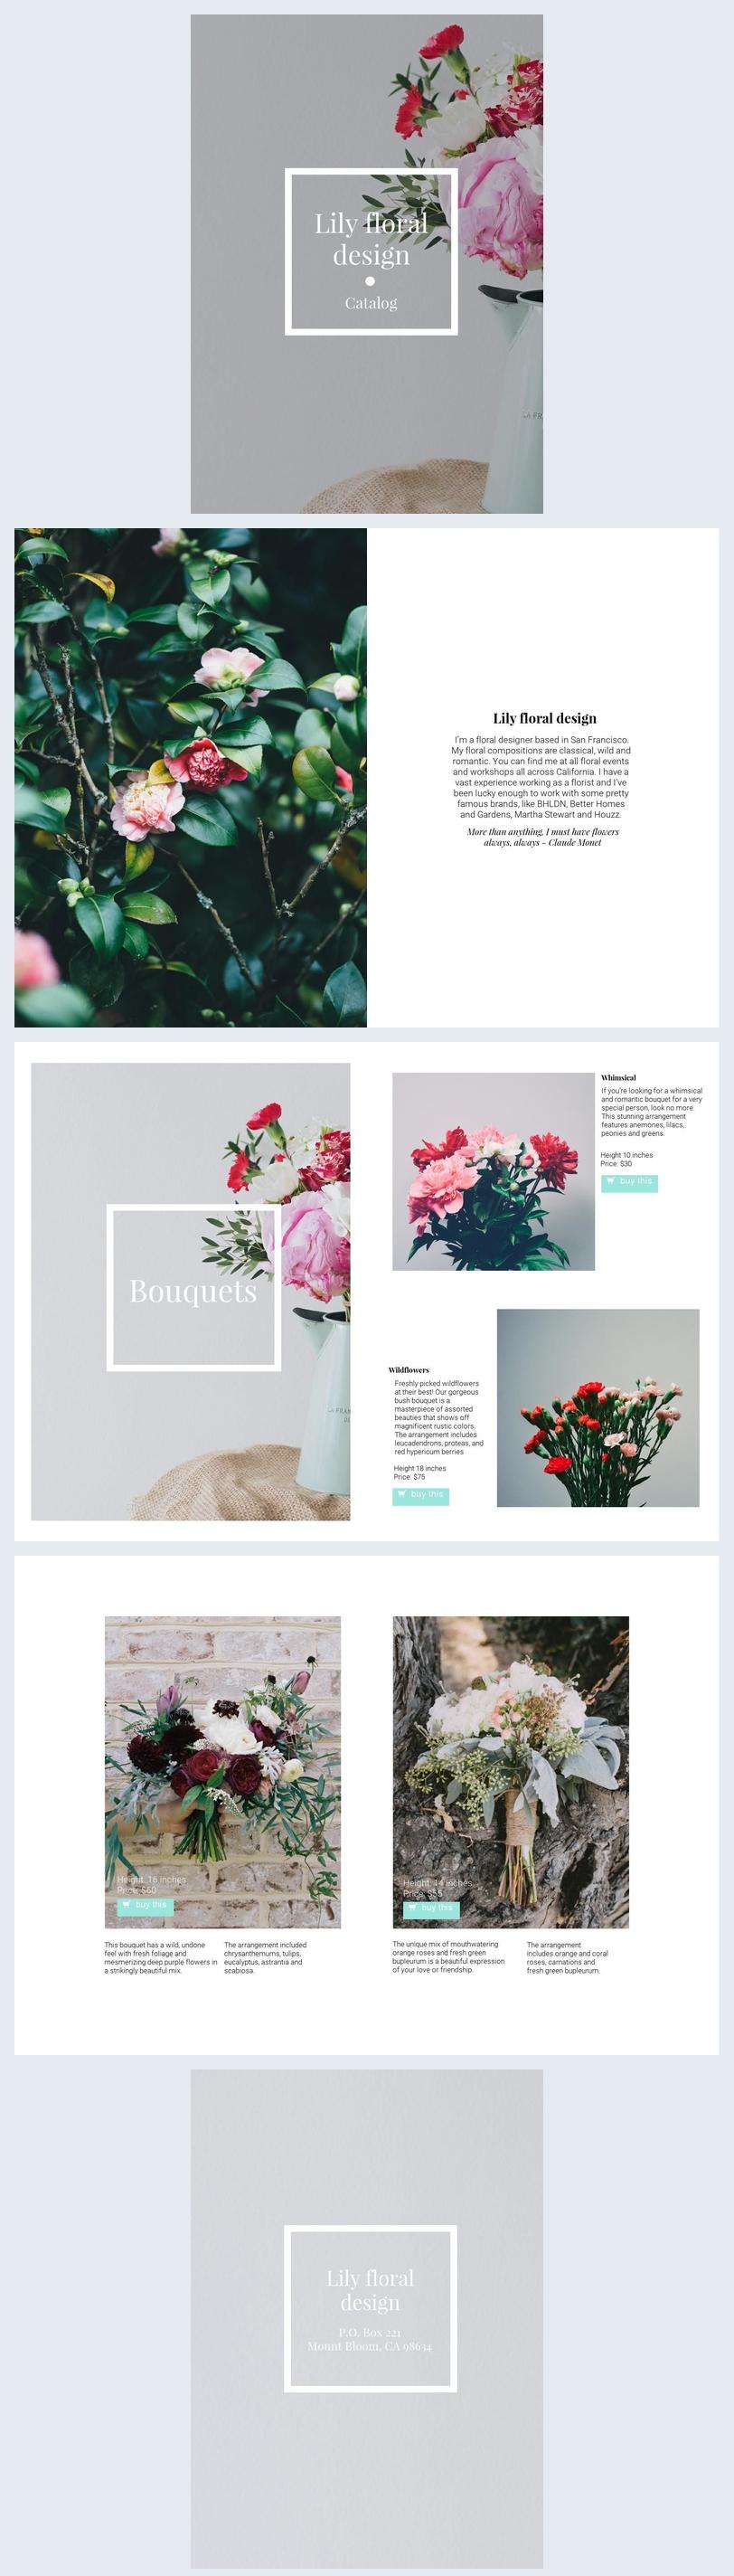 Design per catalogo online